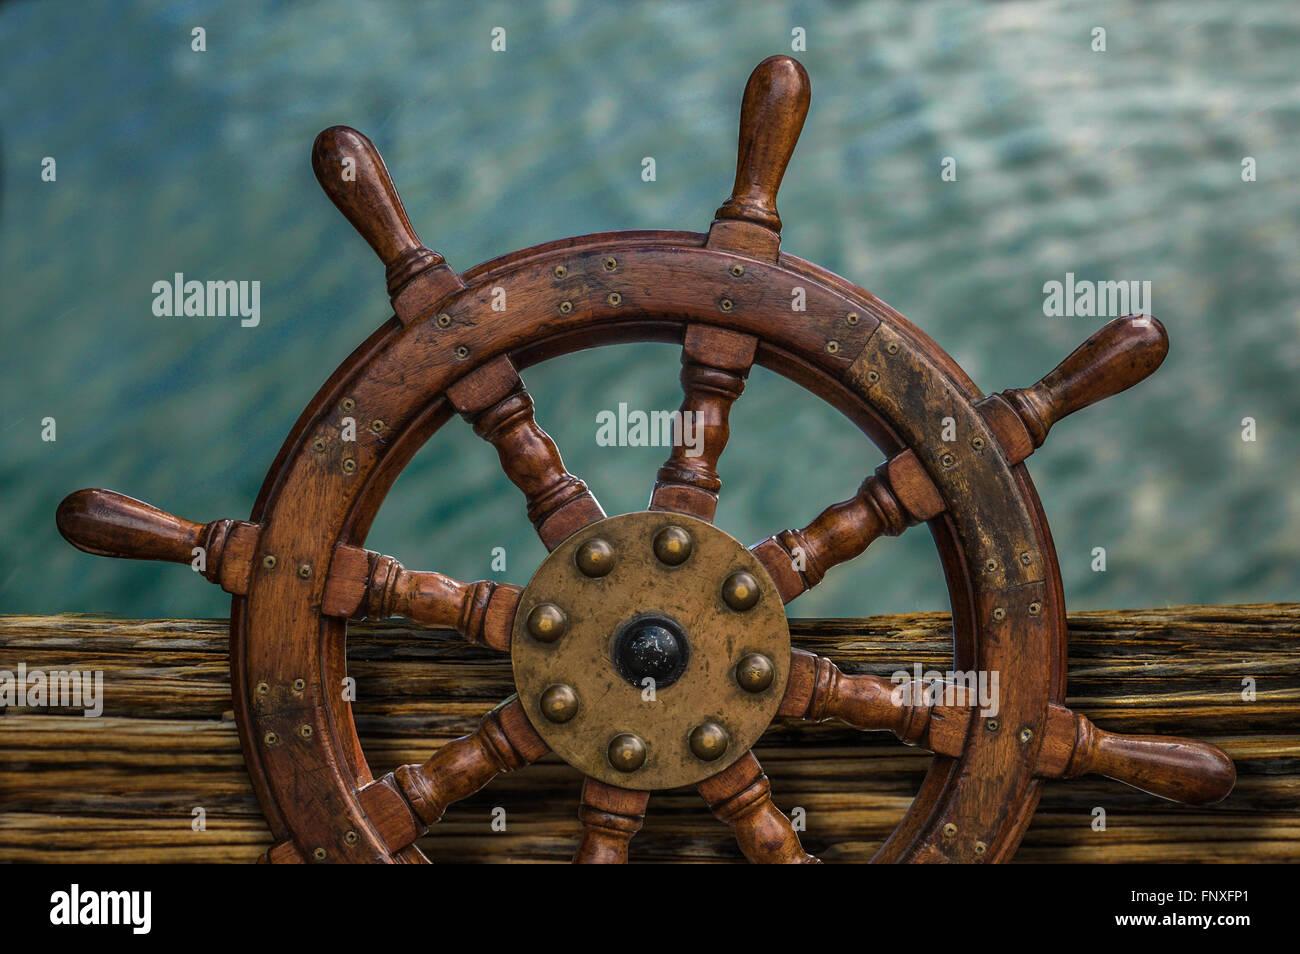 Antique Ships Wheel Stock Photos Amp Antique Ships Wheel